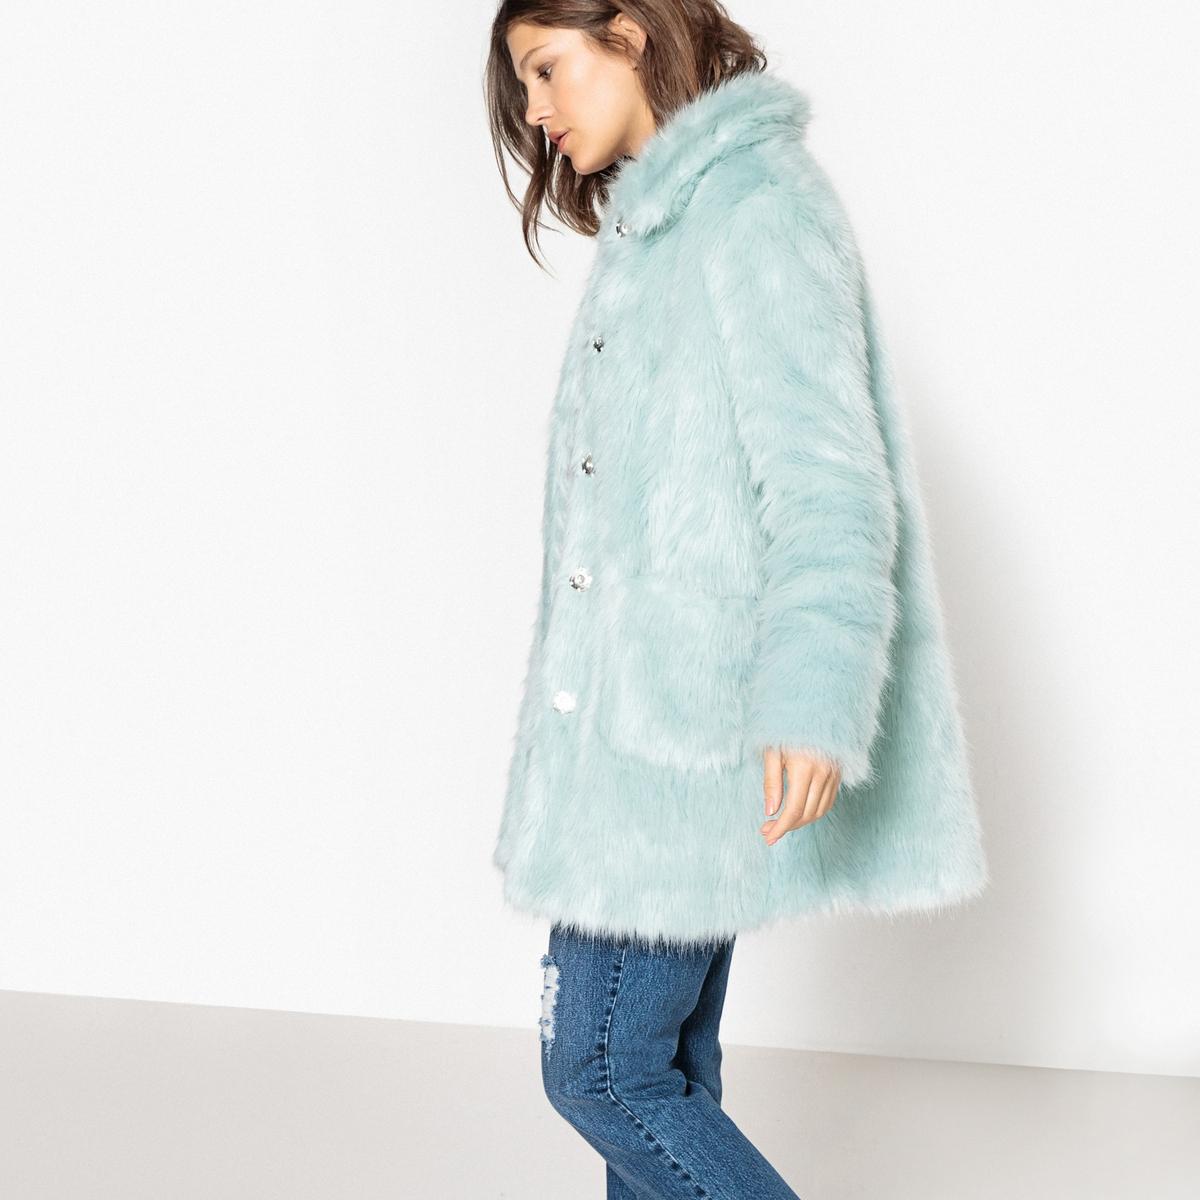 Пальто из цветного искусственного меха 12storeez шуба укороченная из искусственного меха бежевый